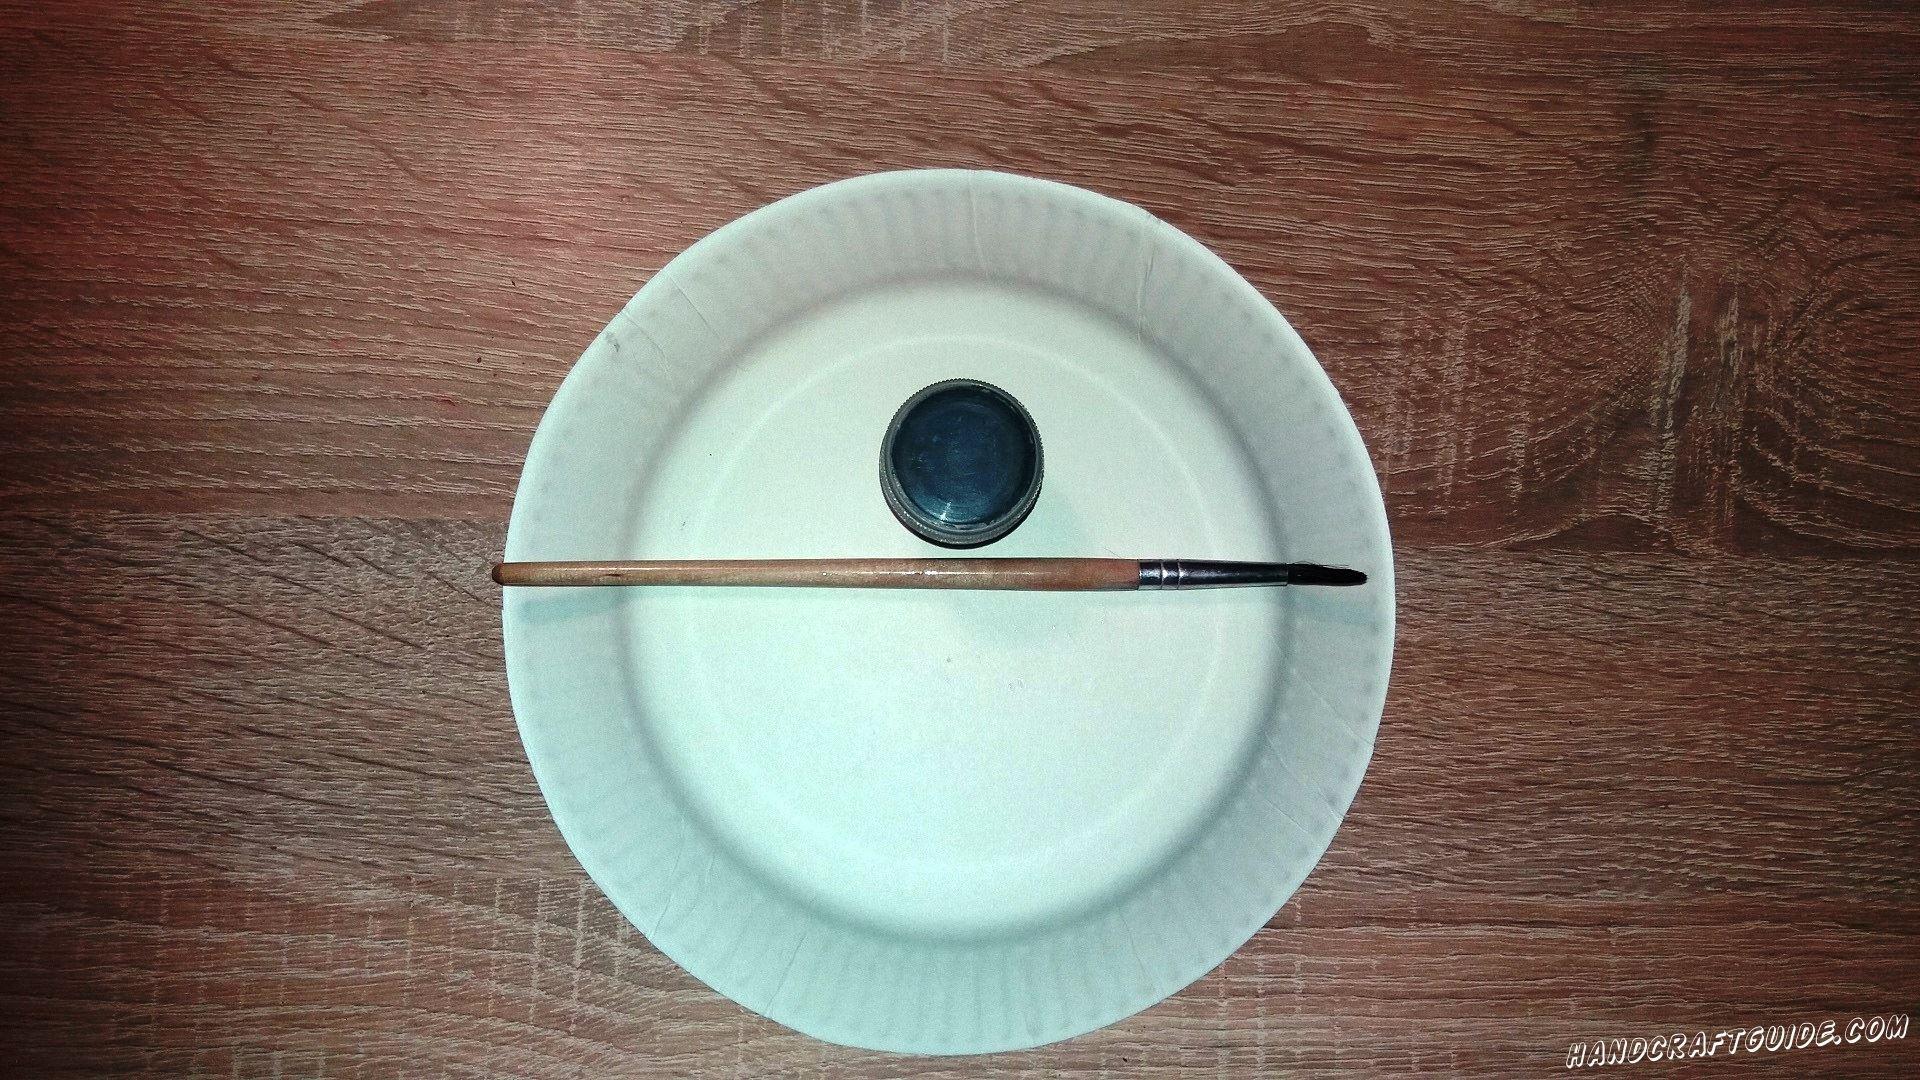 На белой тарелочке мы рисуем 2 пятнышка черного цвета. Они должны находиться рядышком. Это пятнышки под глазками панды